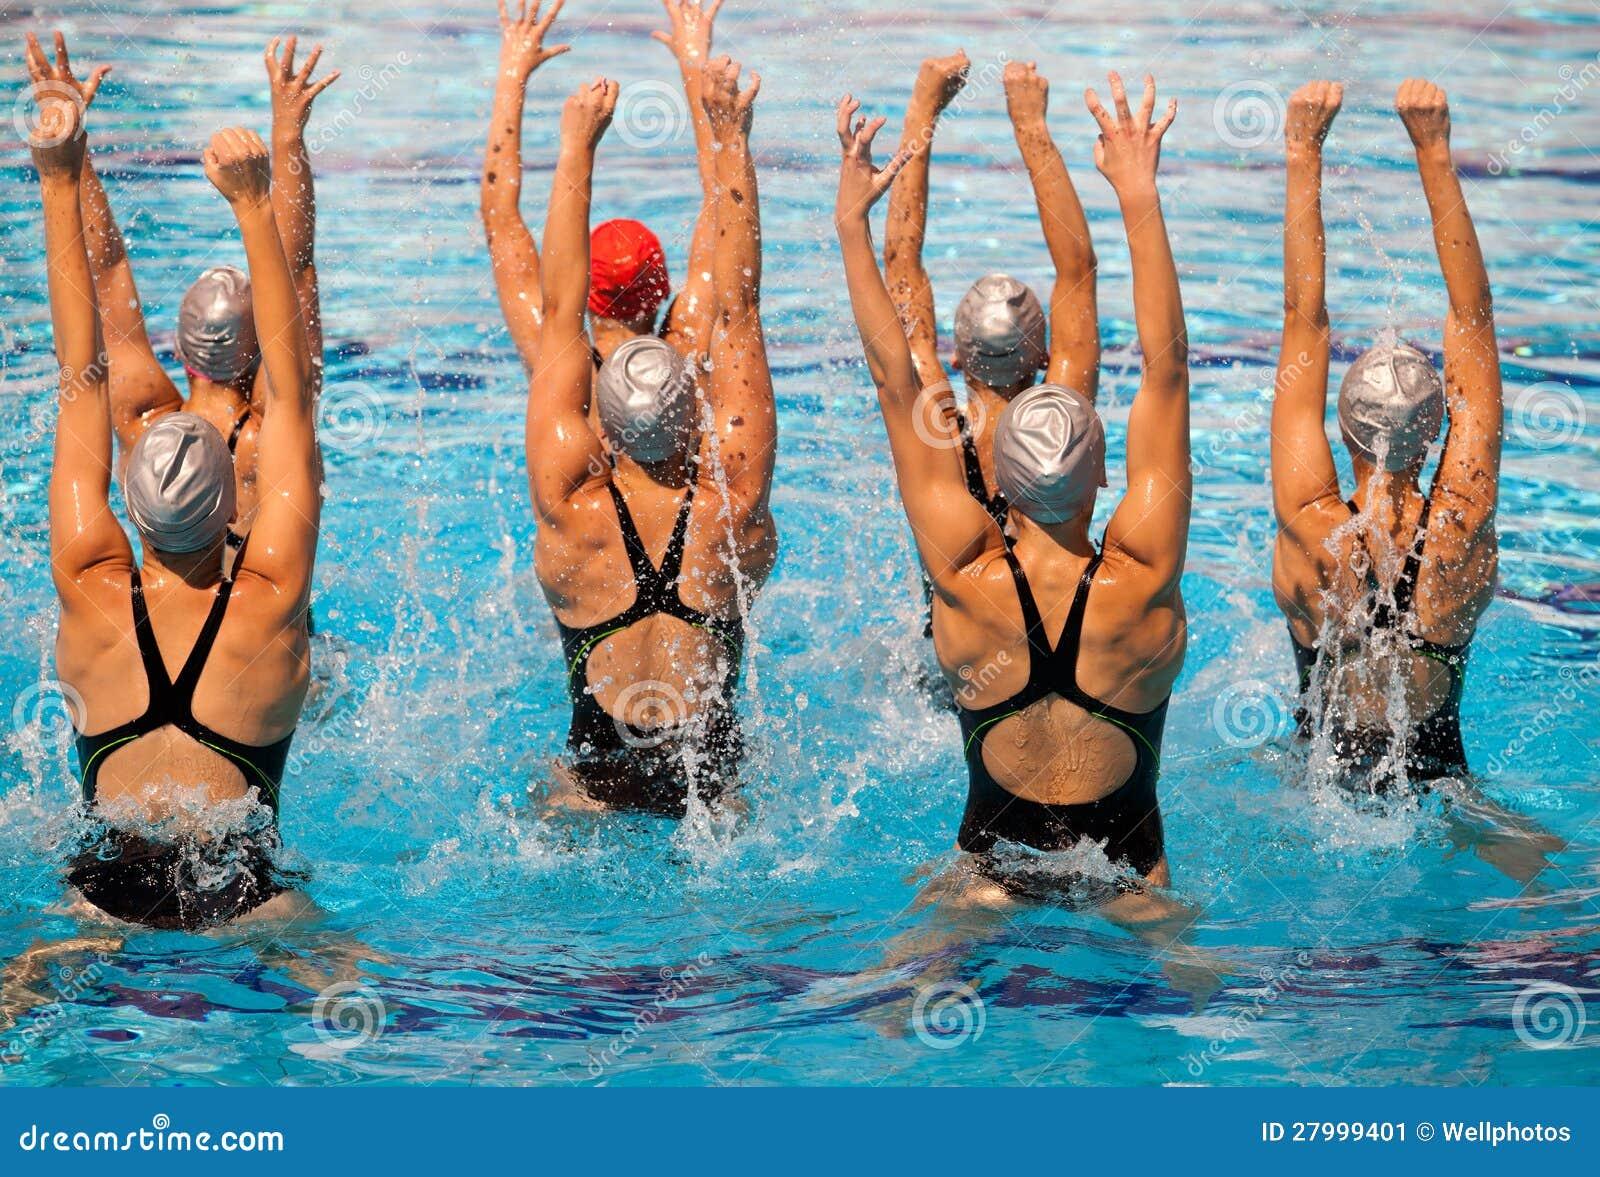 Маркус синхронное плавание голышом цыпочках